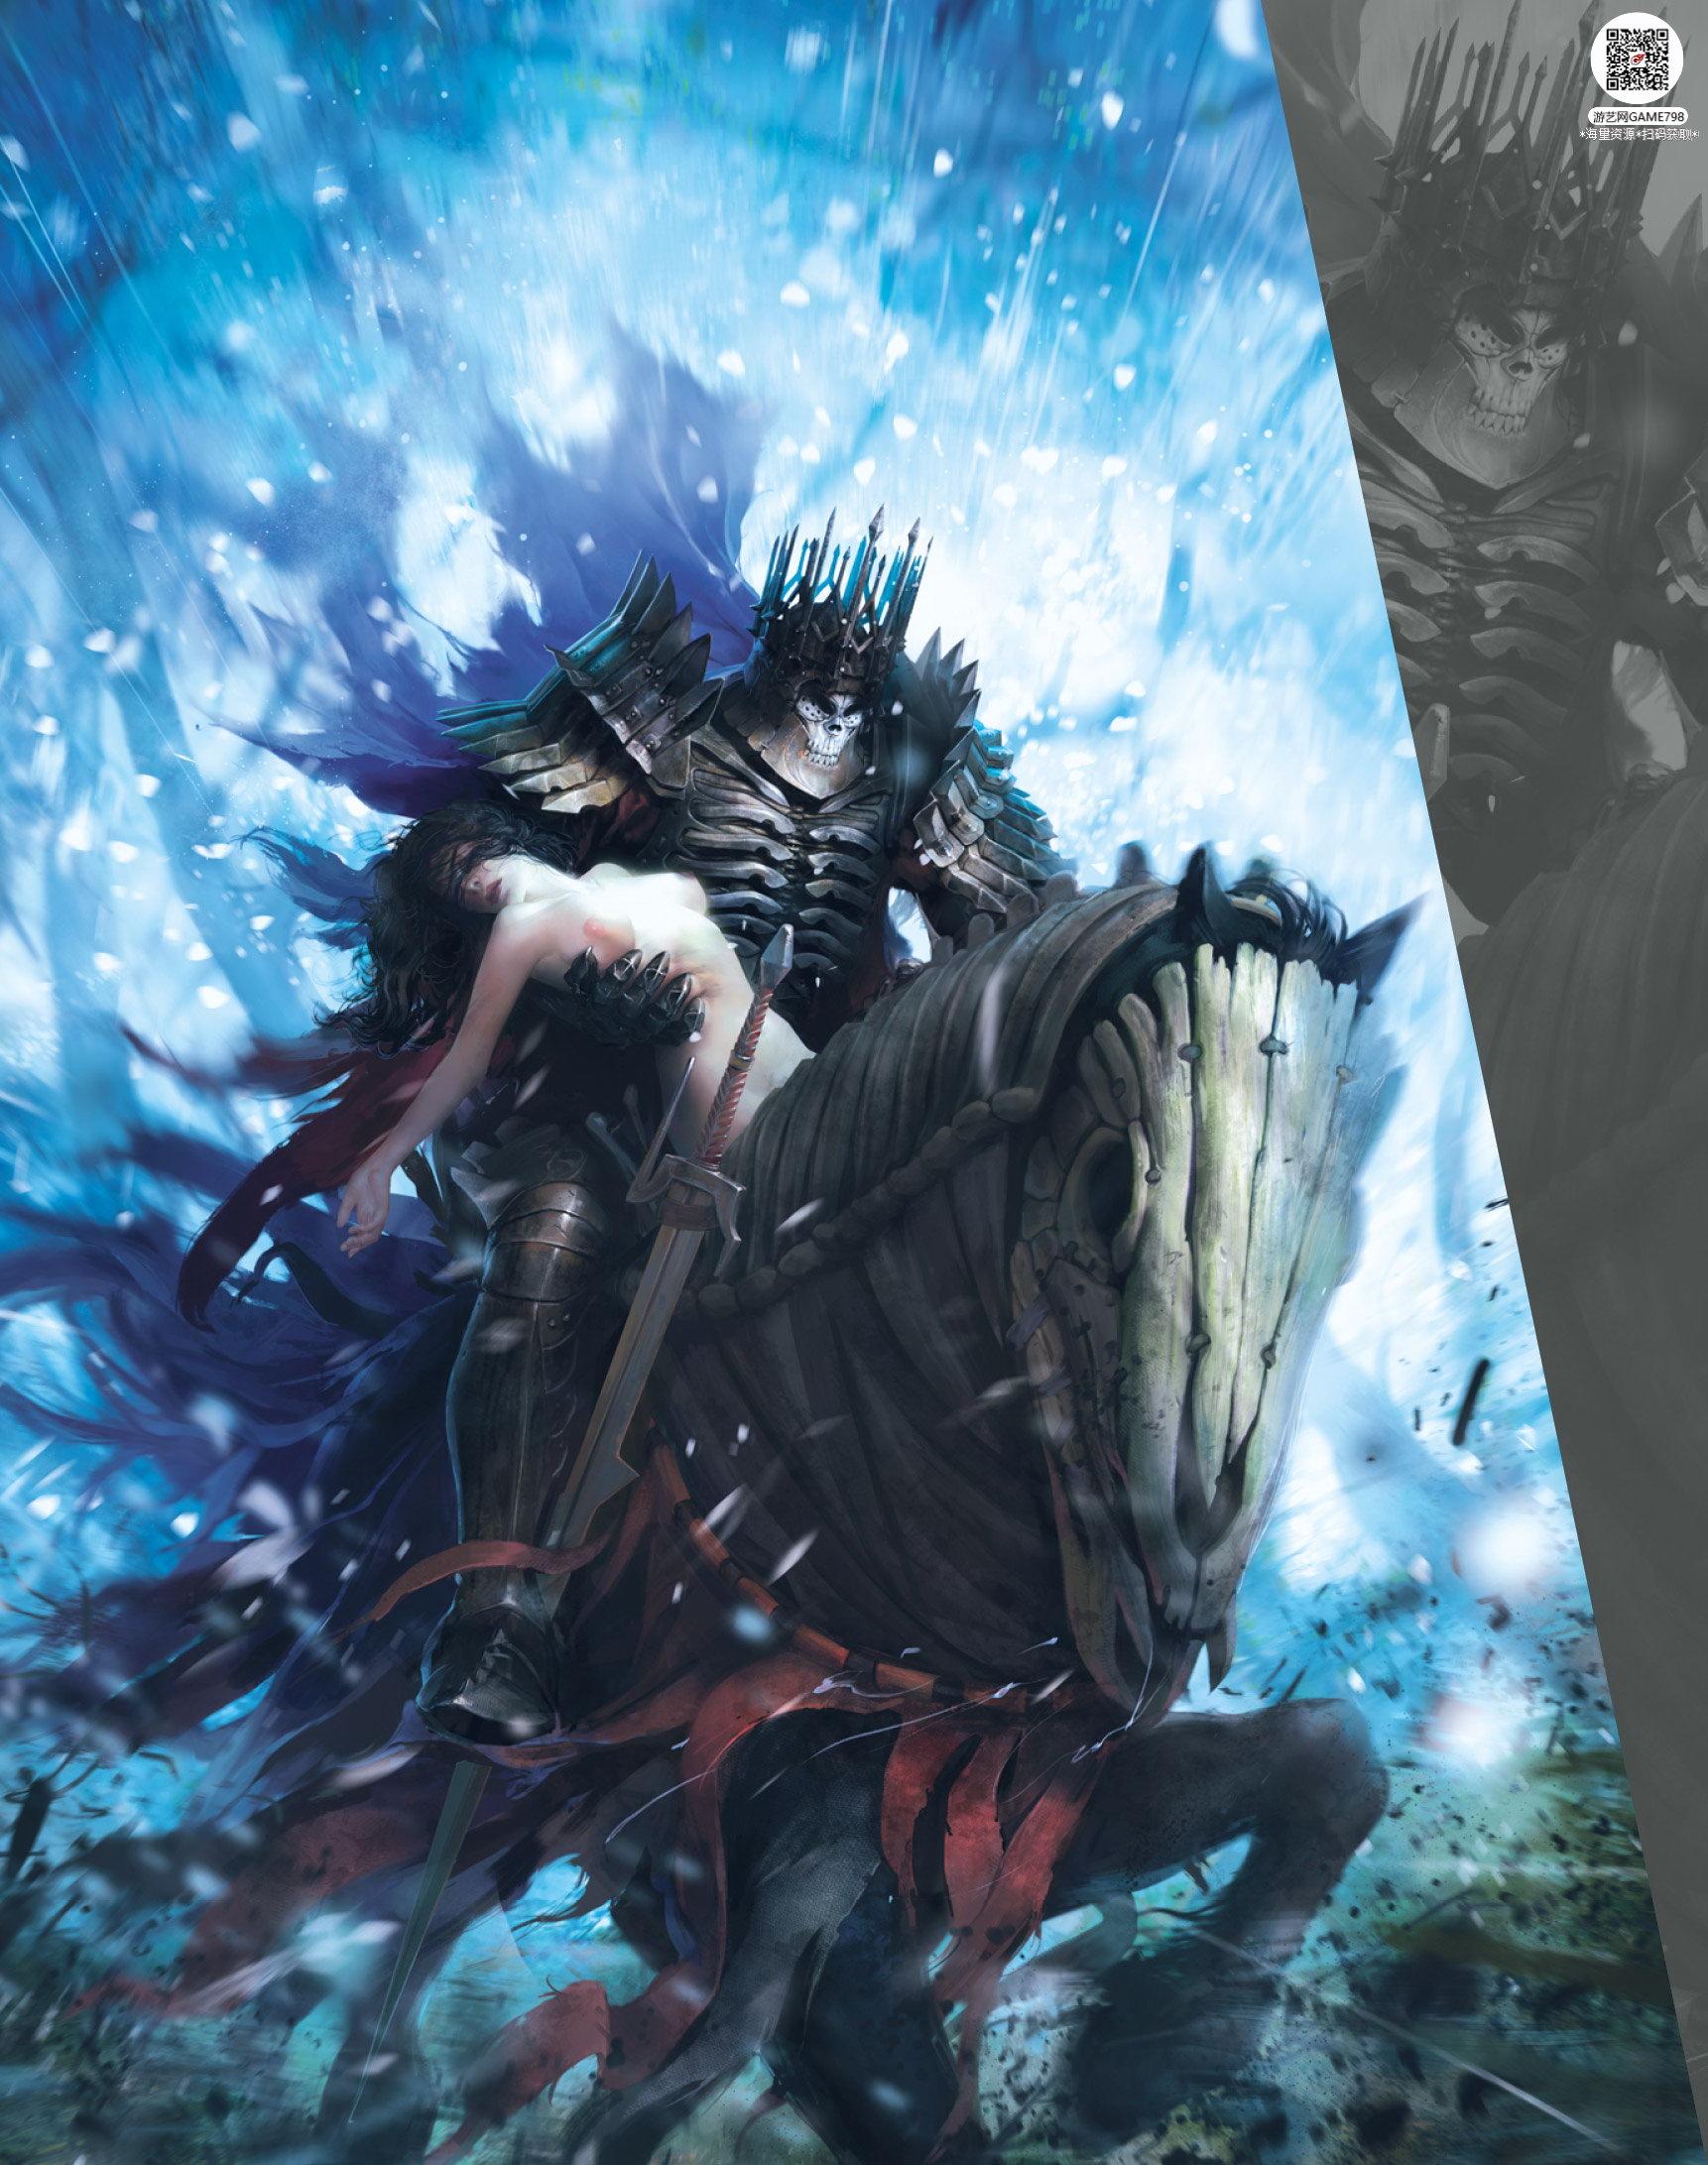 005_关注游艺网公众号获海量资源_次世代游戏巫师3(Witcher)官方原画概念设定.jpg